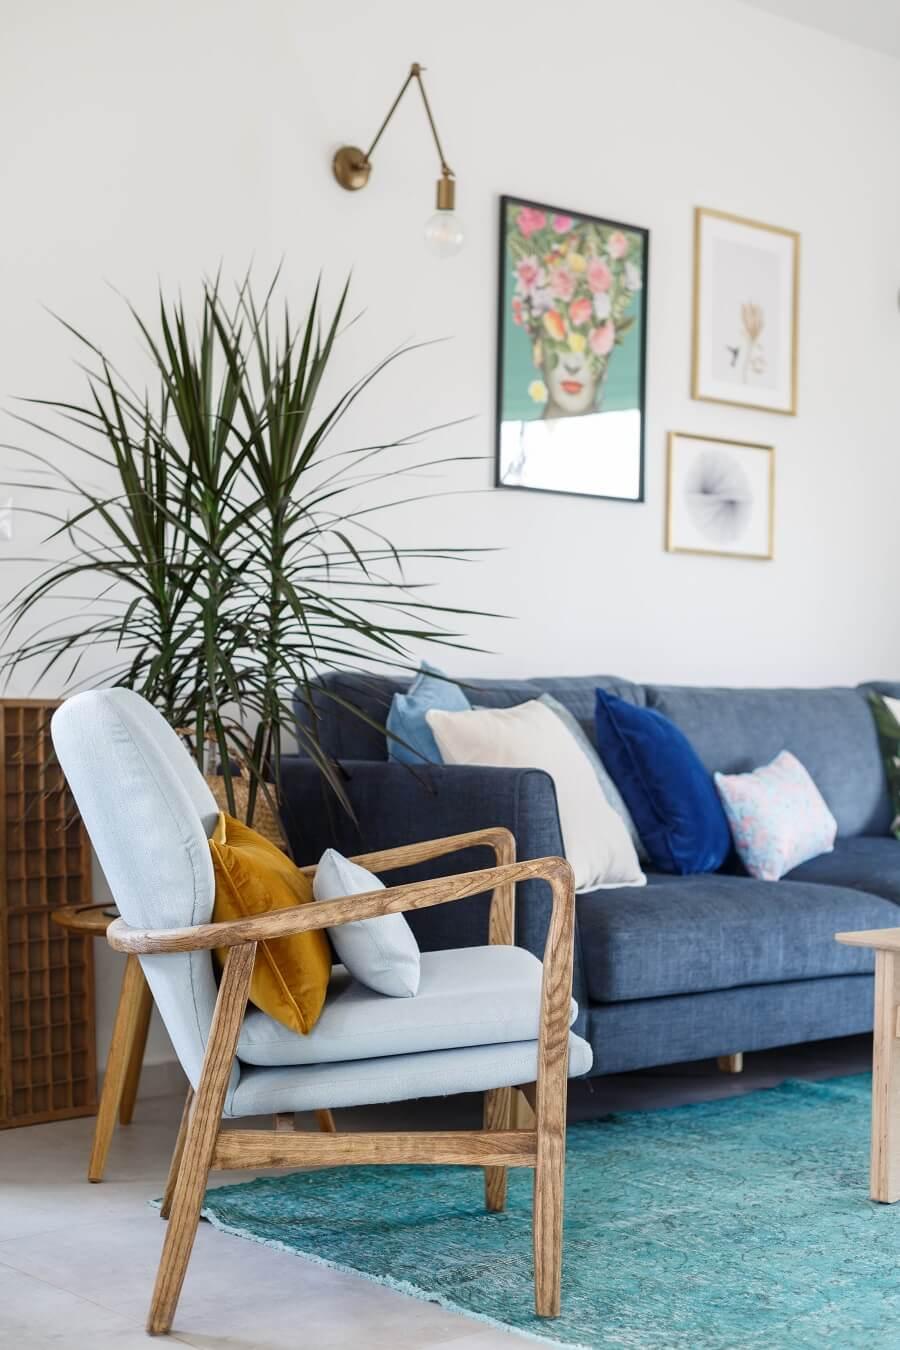 סלון עיצוב לימור אורן צילום אורית ארנון